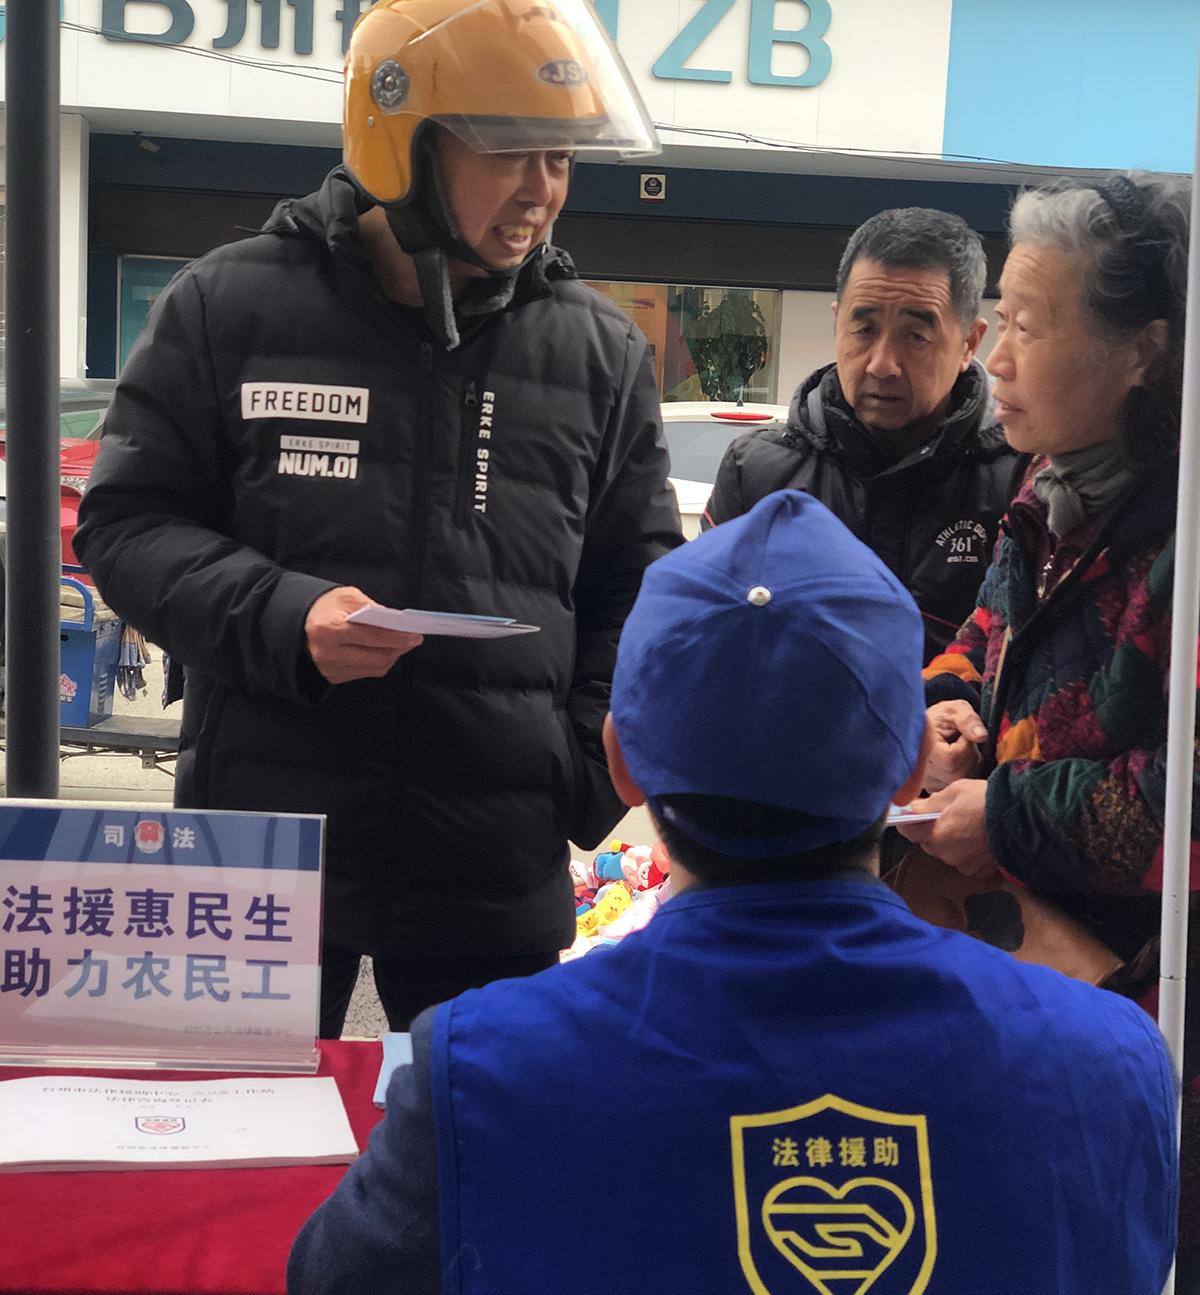 台州、椒江 (1).jpg